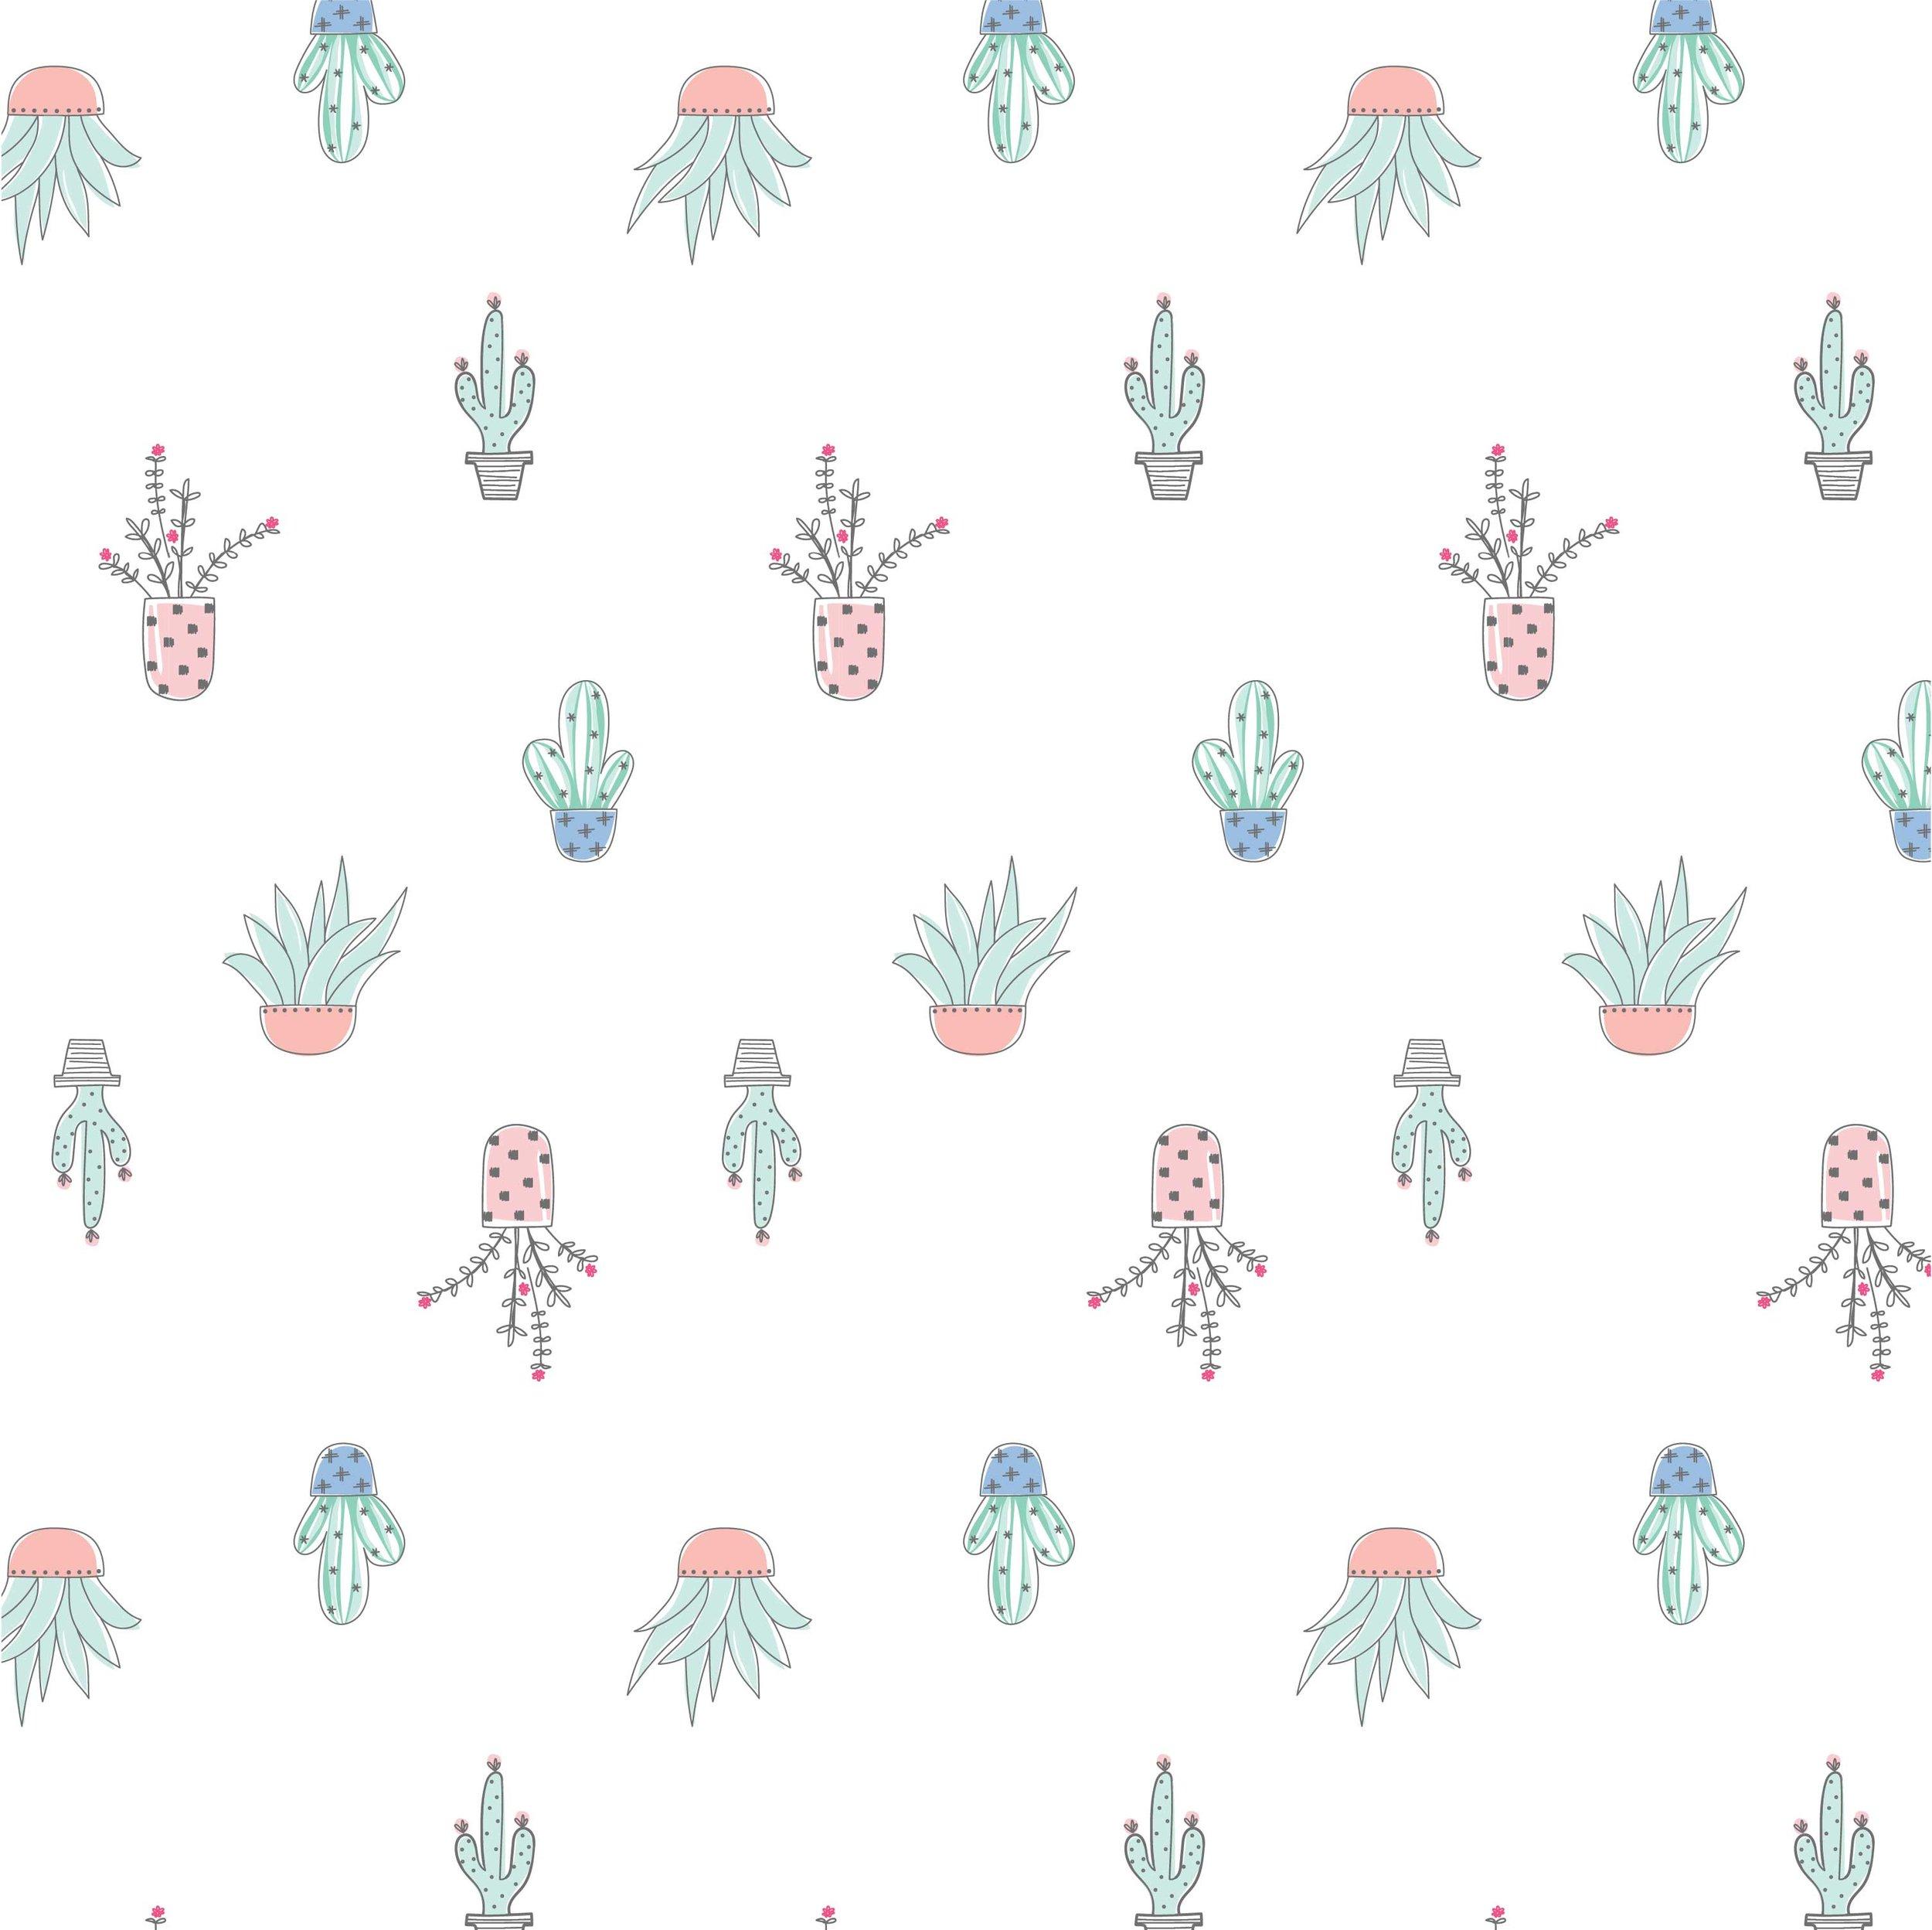 MGprints_sqsp-04.jpg